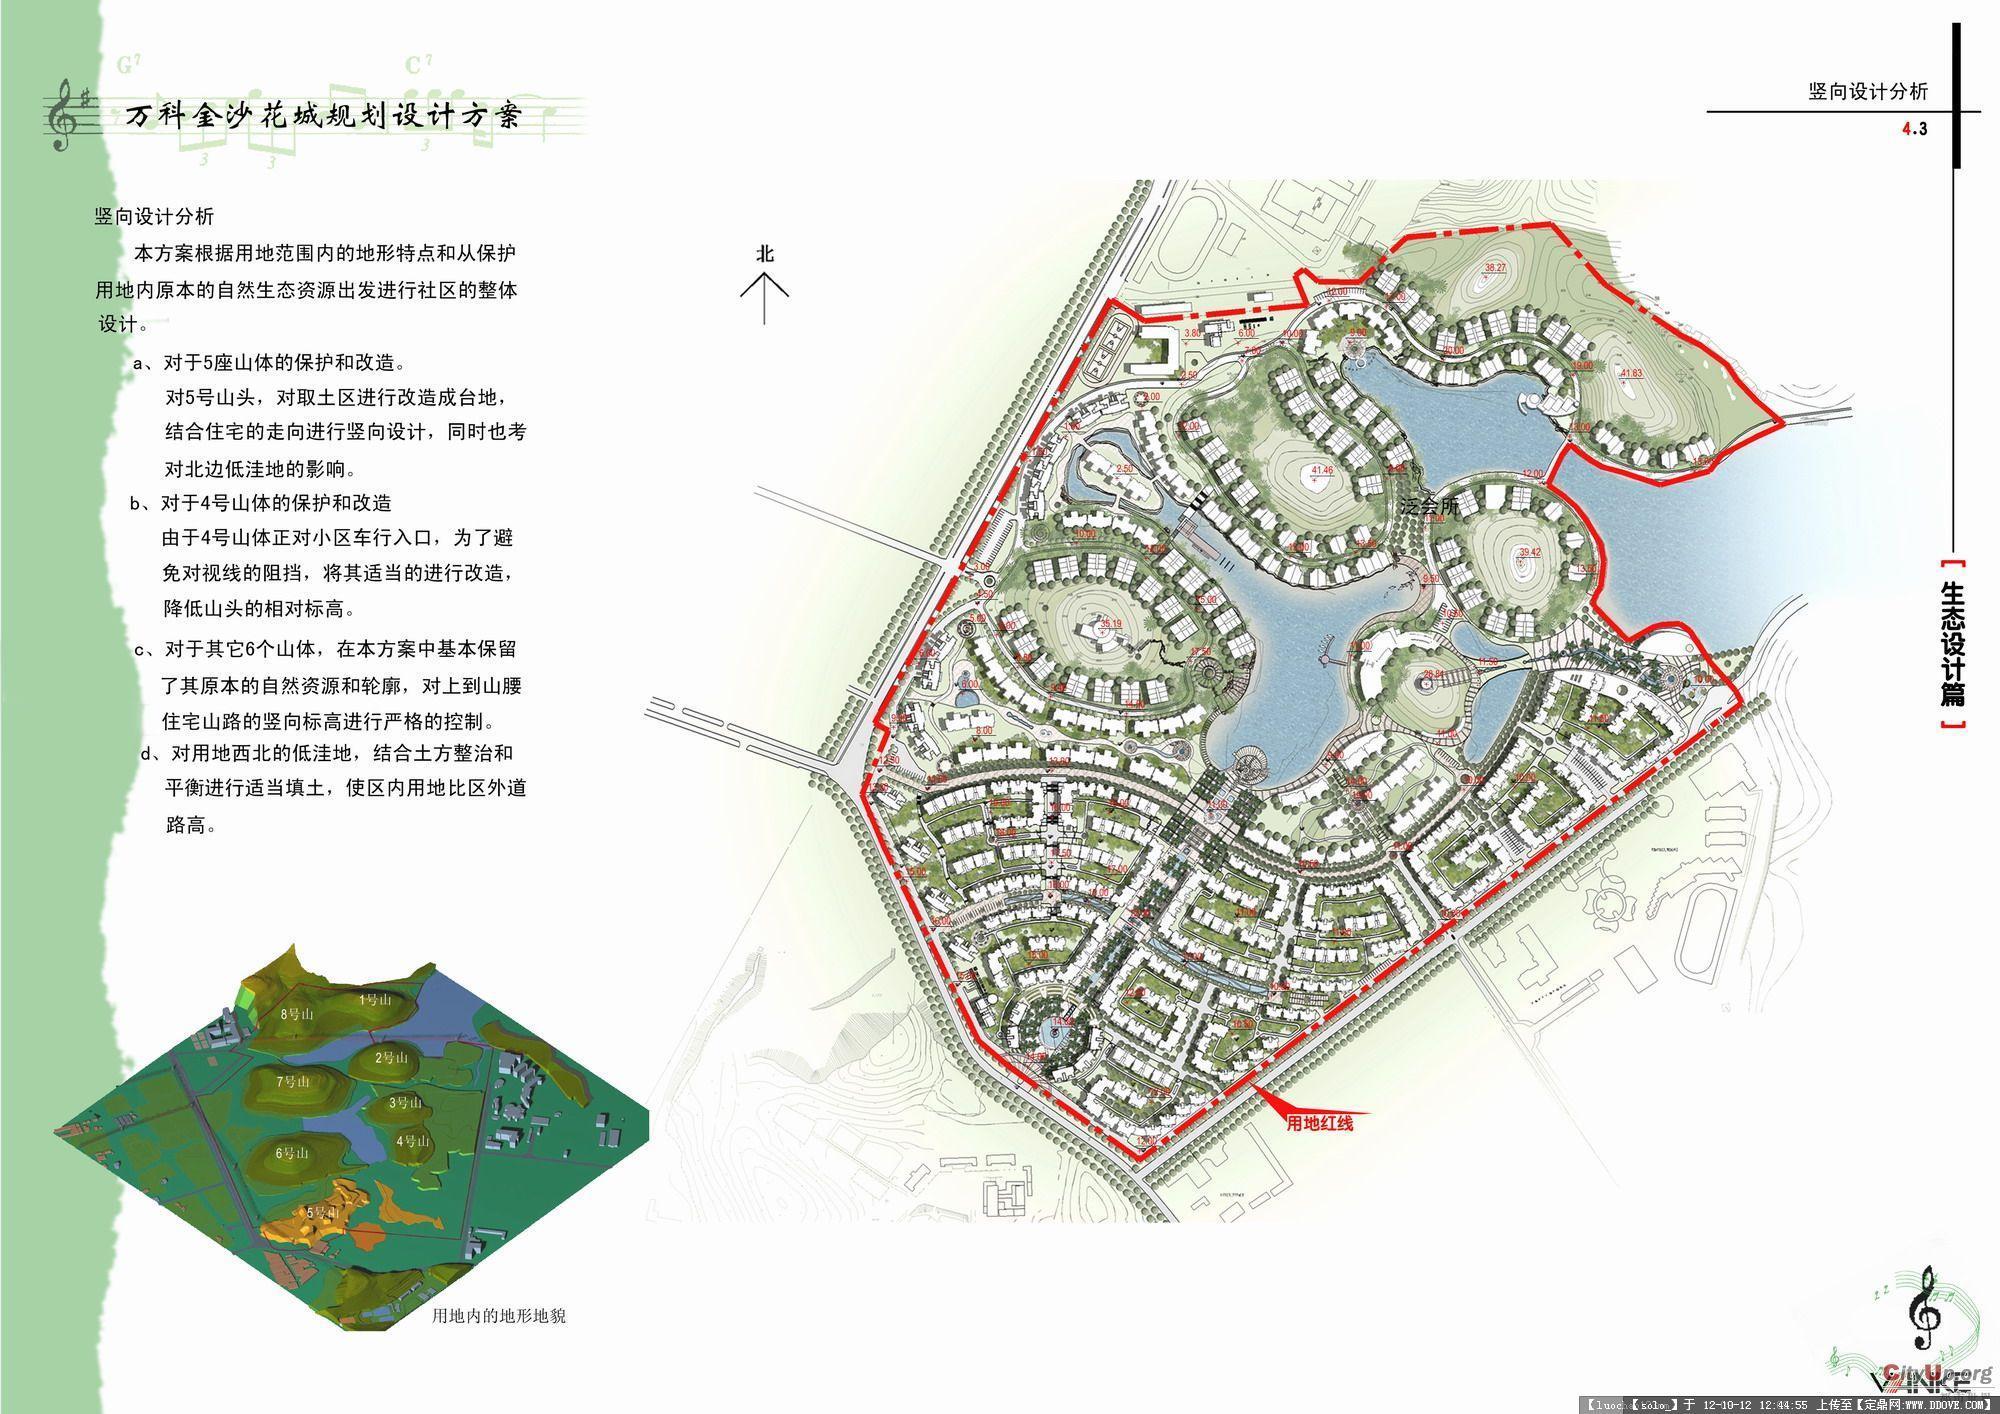 居住区快题设计平面图